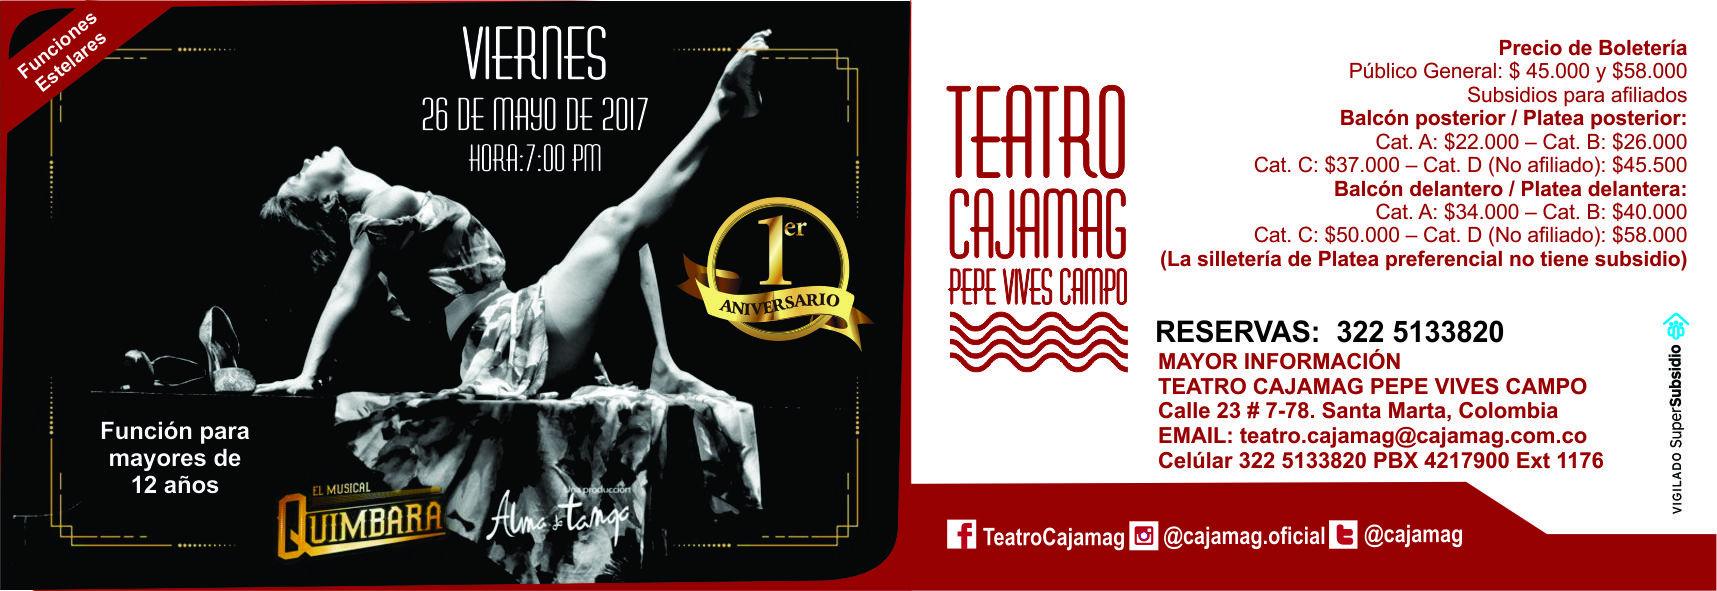 Invitación al evento de primer aniversario, con el musical Quimbara.